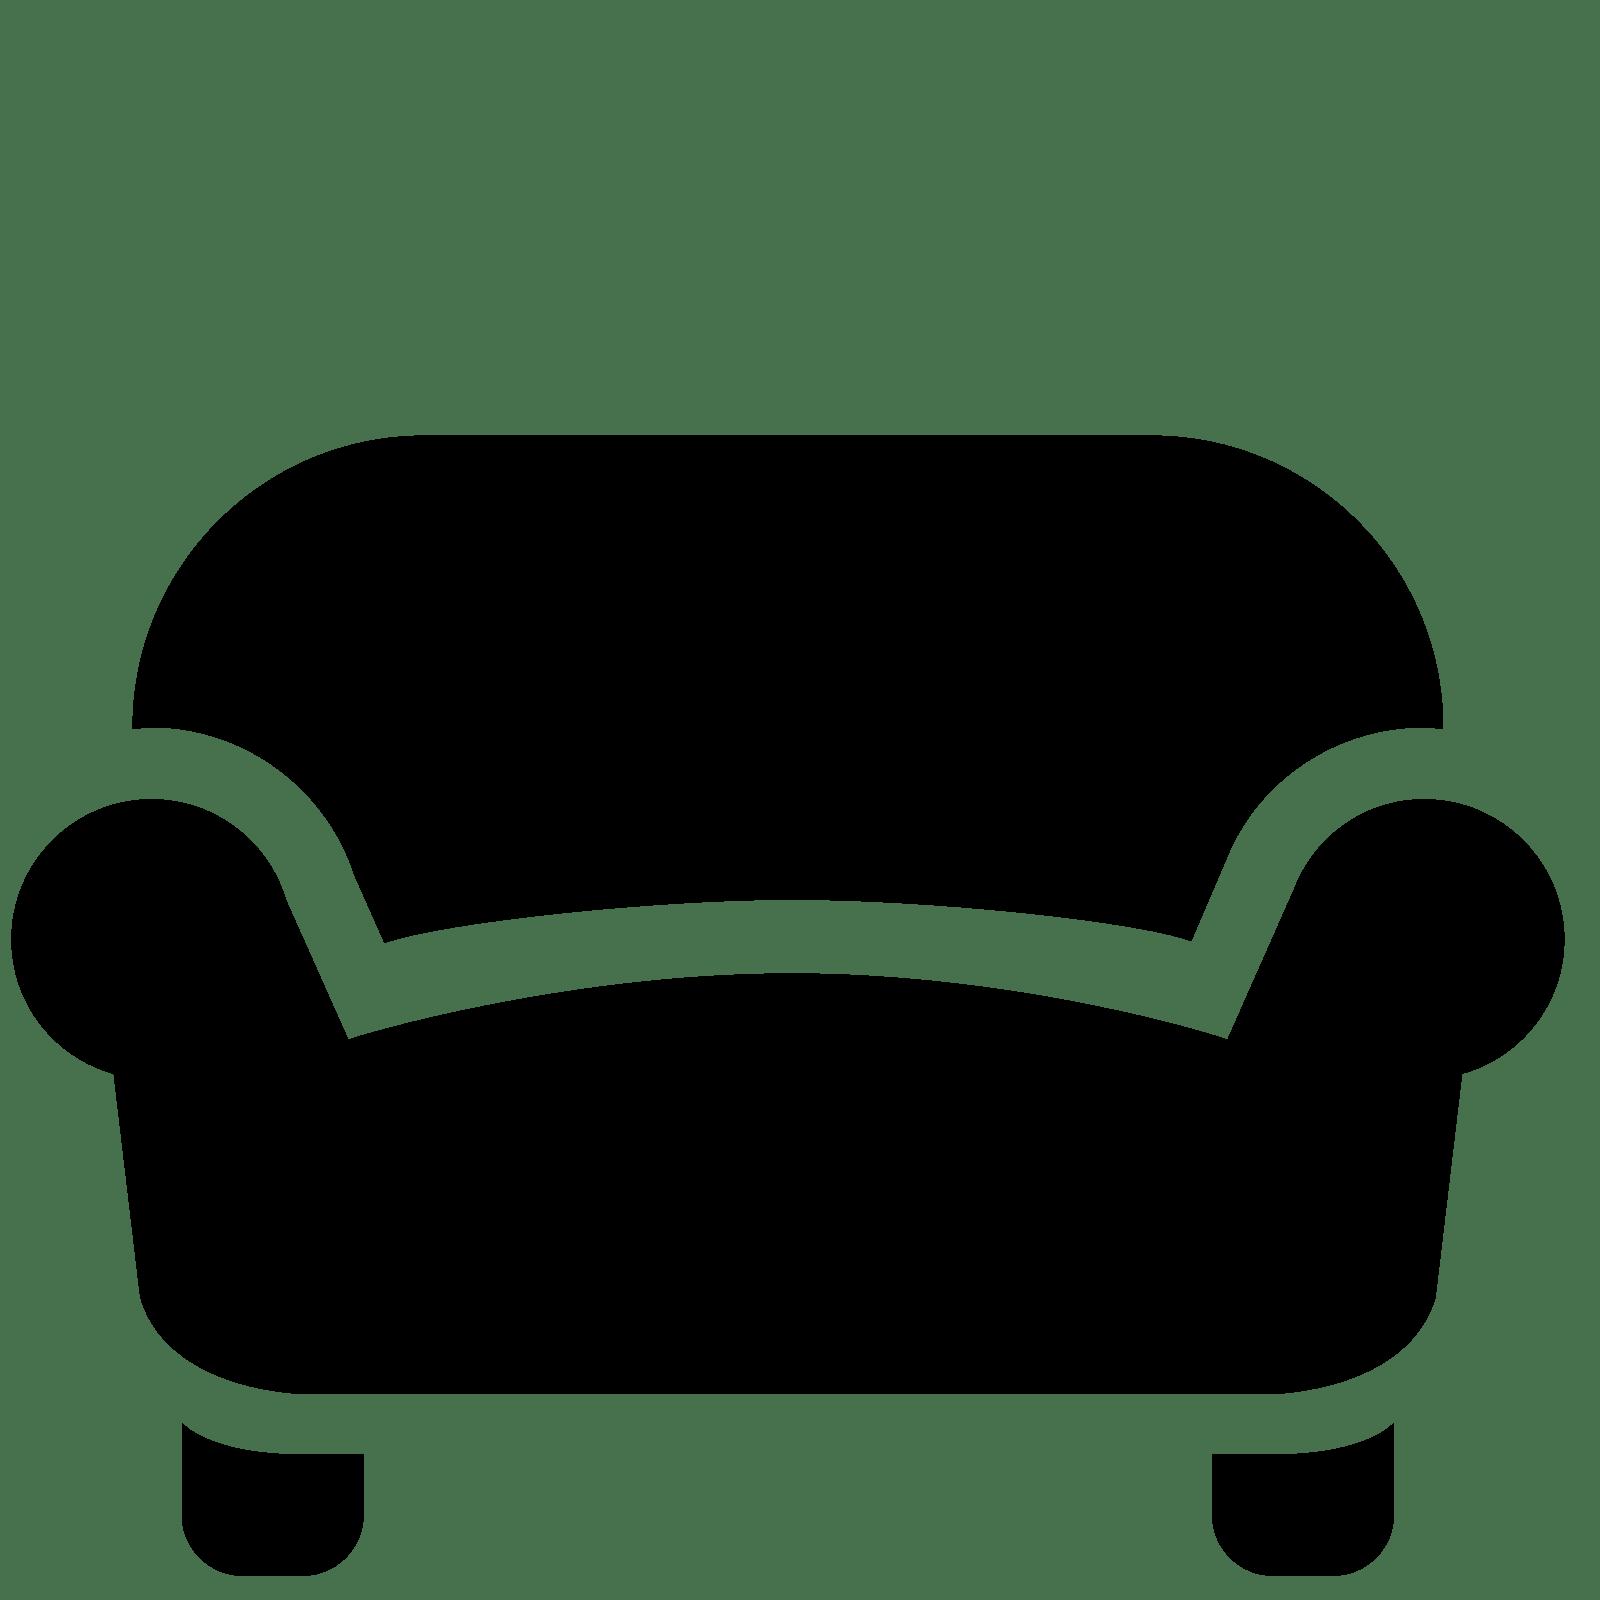 webstockreview